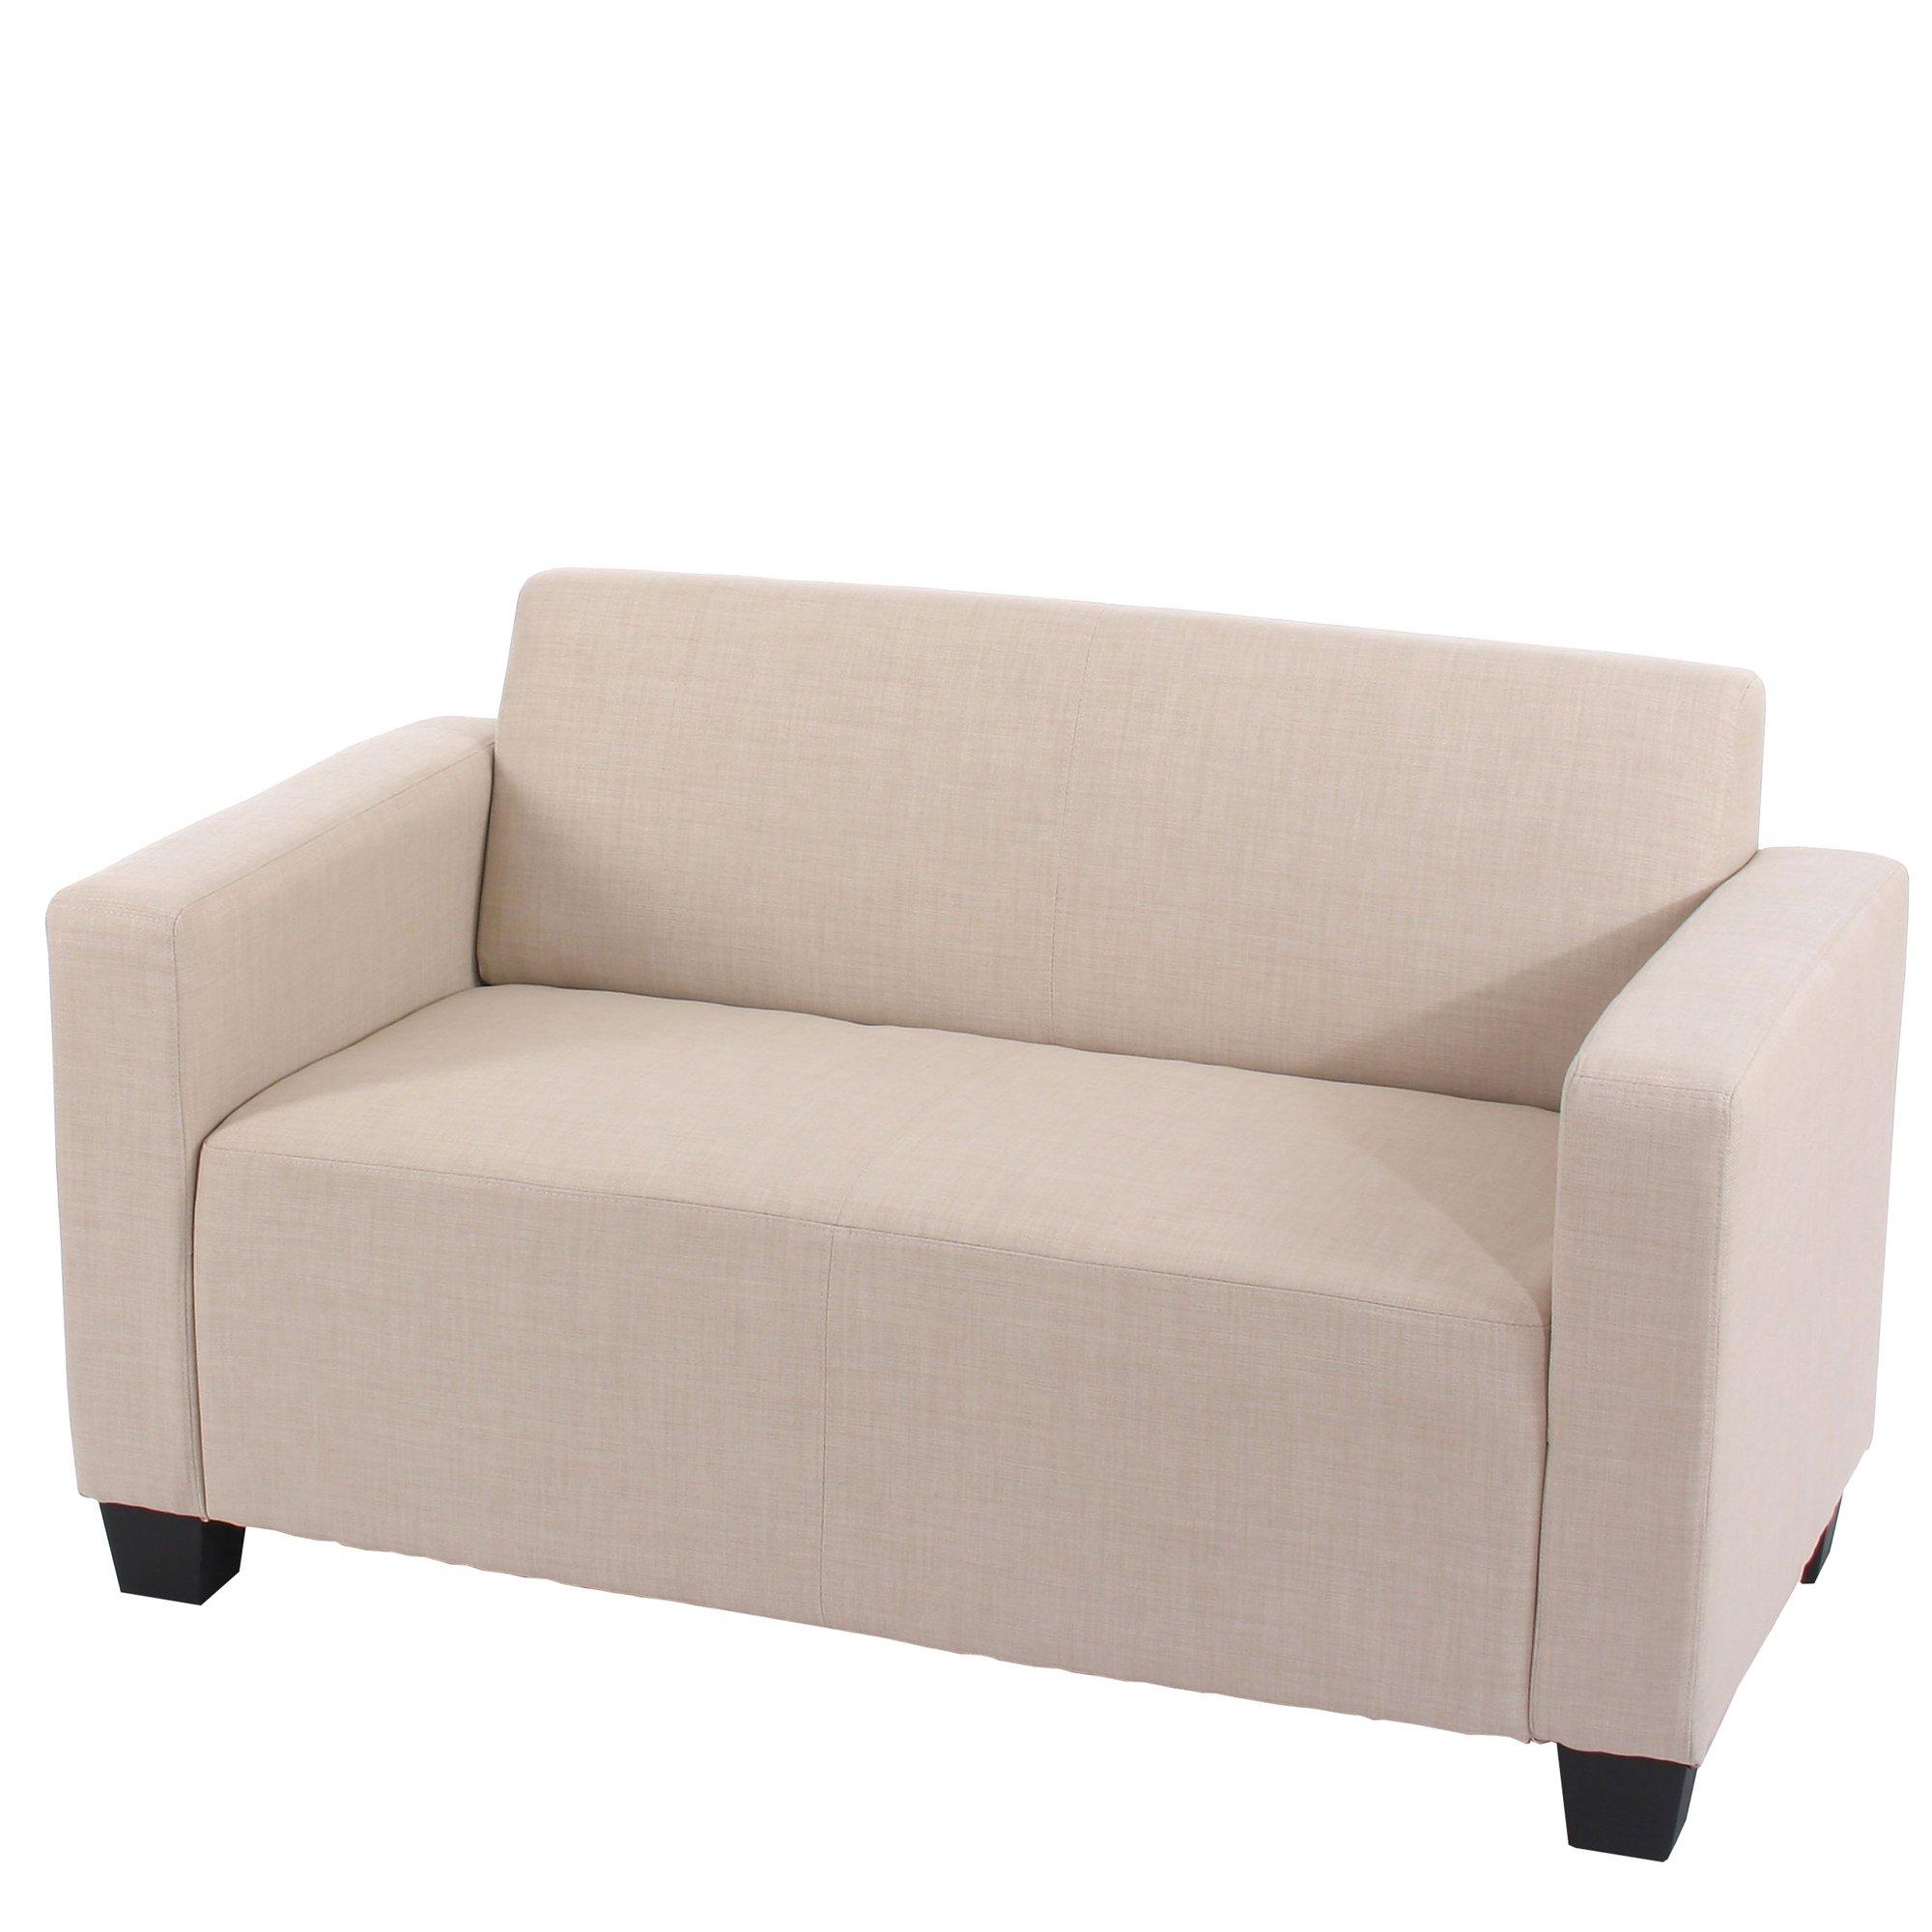 Sofa Modular LYON De 2 Plazas, Gran Acolchado, Tapizado En